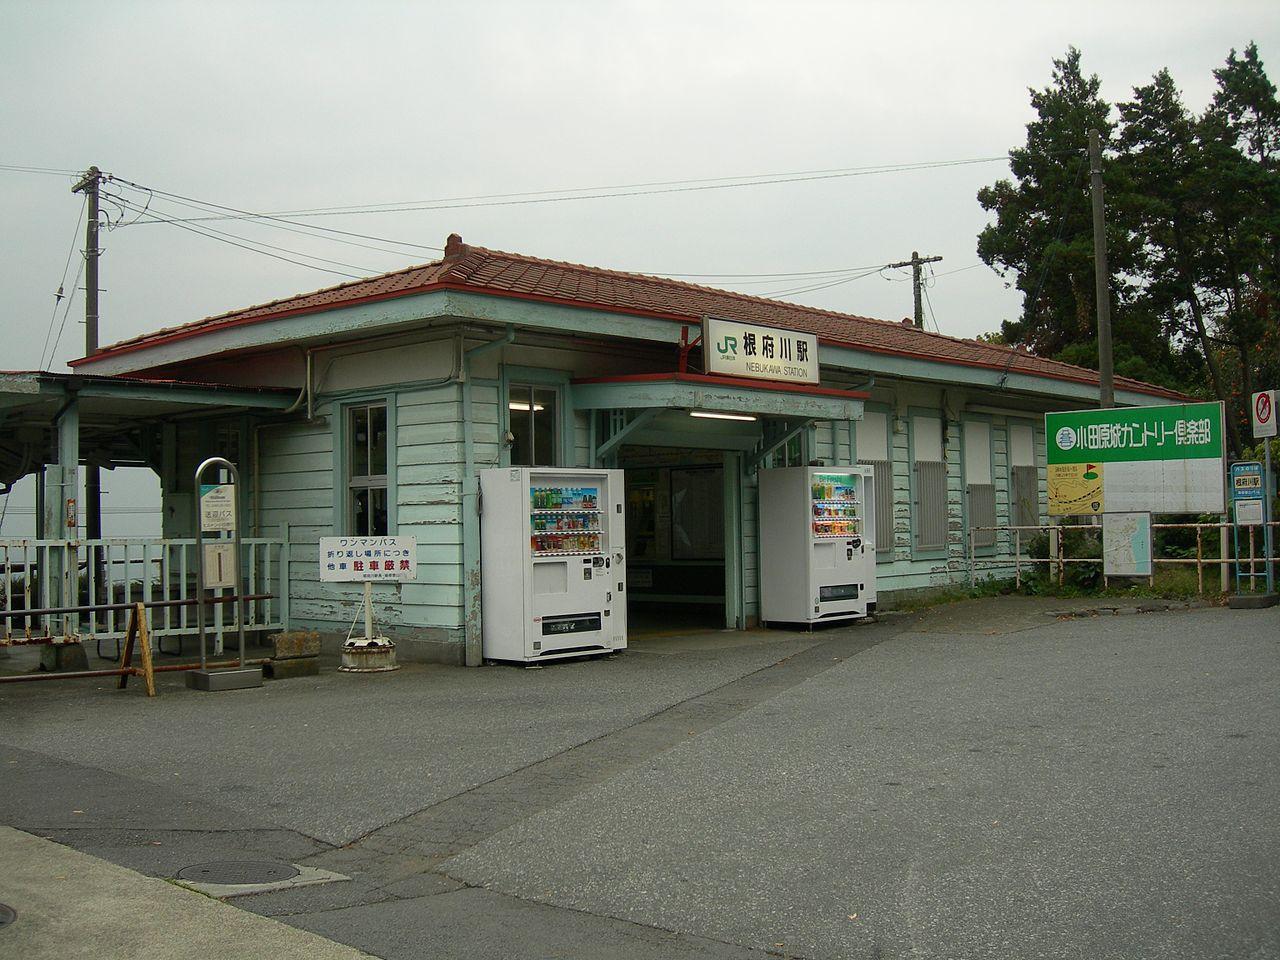 10 สถานีรถไฟญี่ปุ่นที่มีทิวทัศน์สวยงาม-สถานีรถไฟ เนบุคาวะ